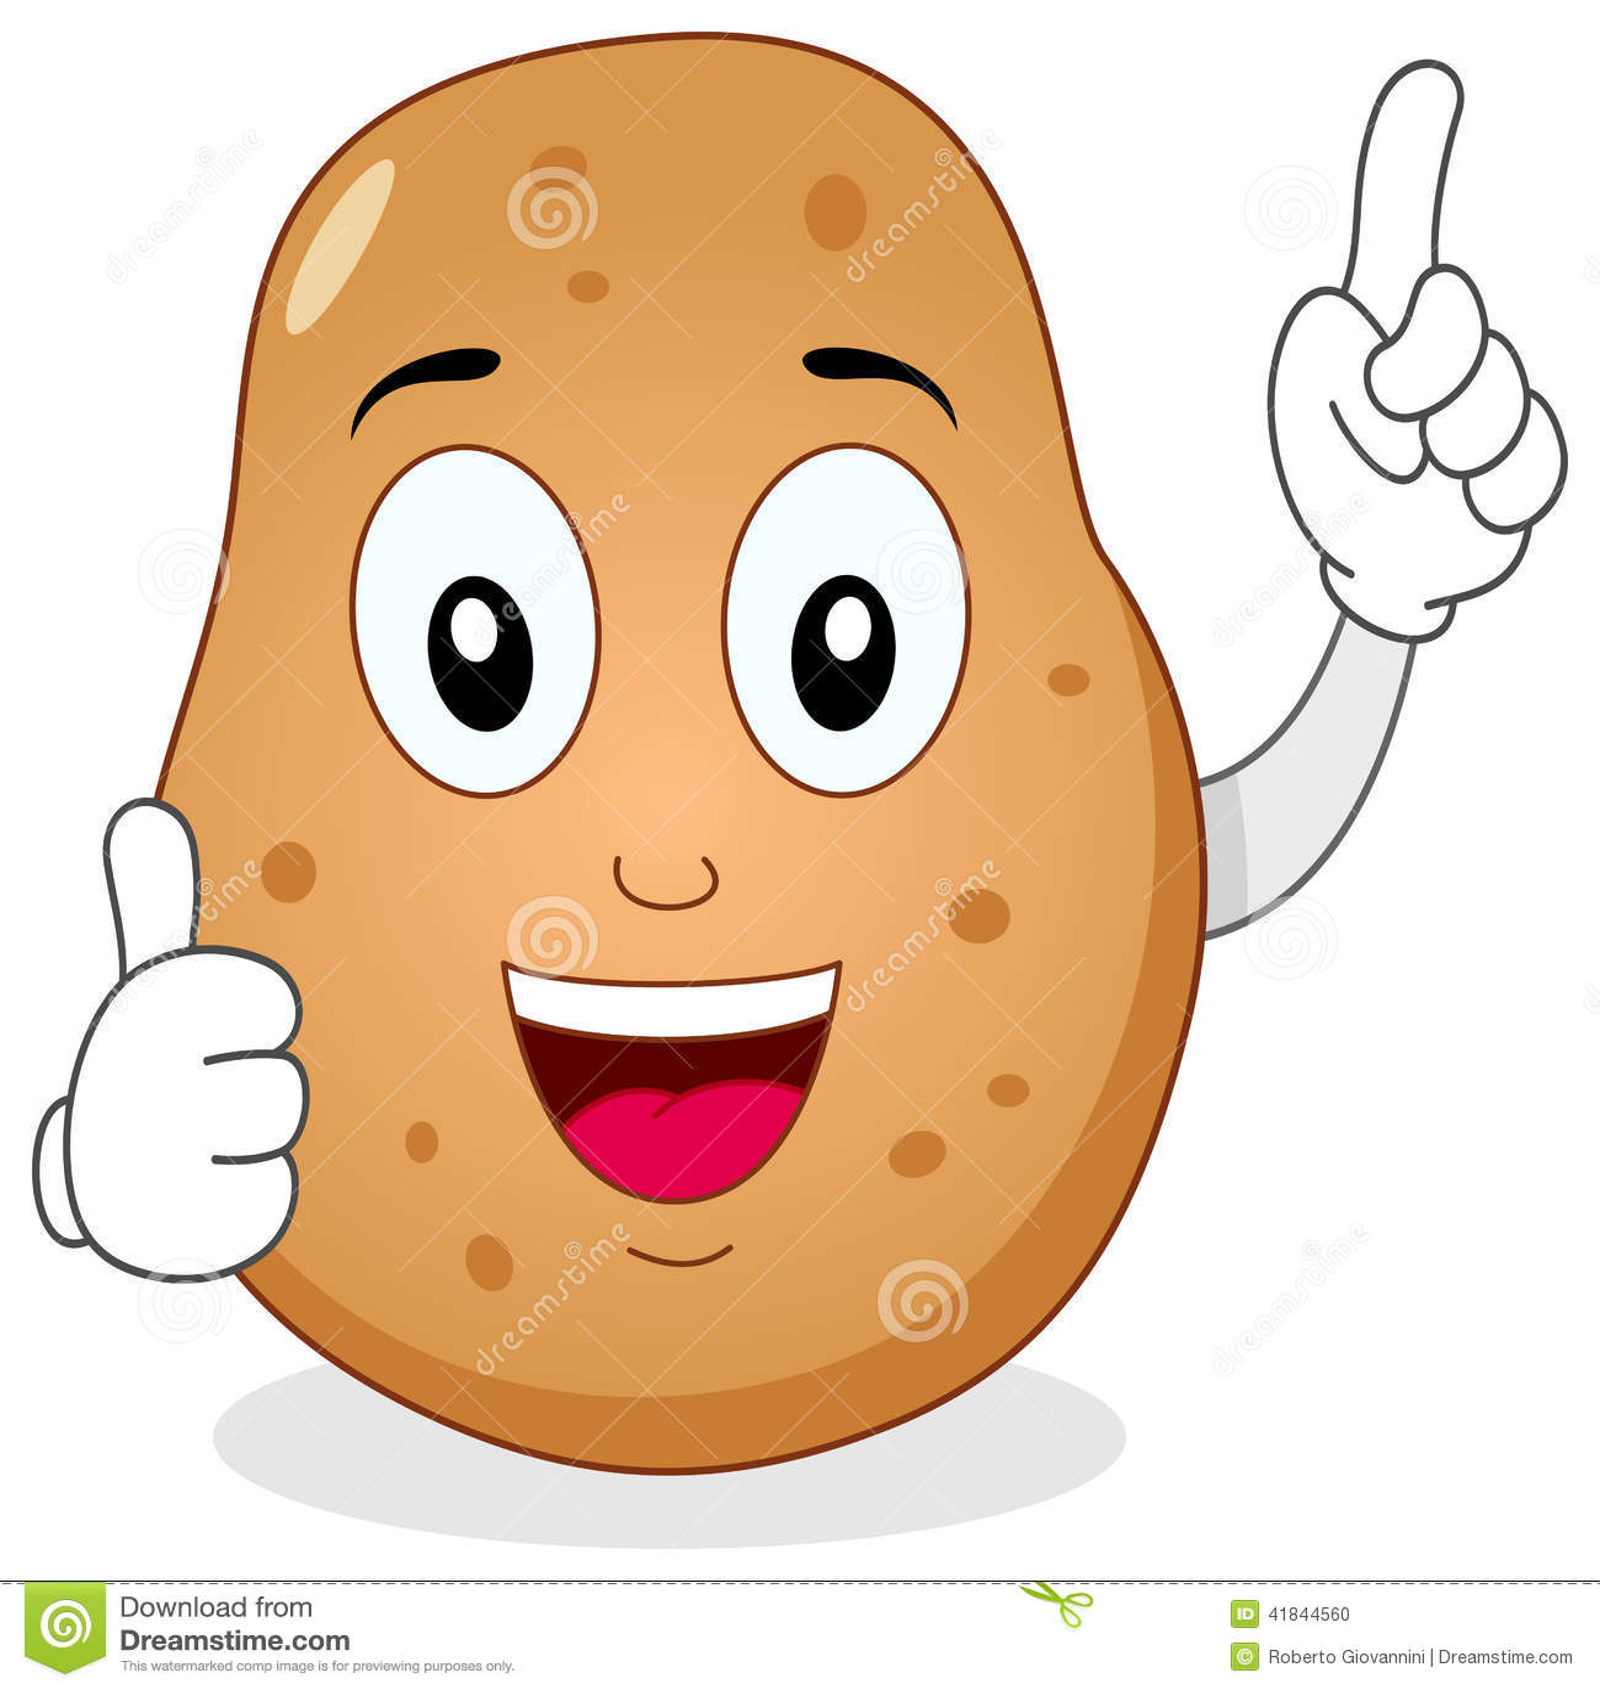 Kartoffel Bilder Kostenlos netter kartoffel charakter mit den daumen oben vektor abbildung